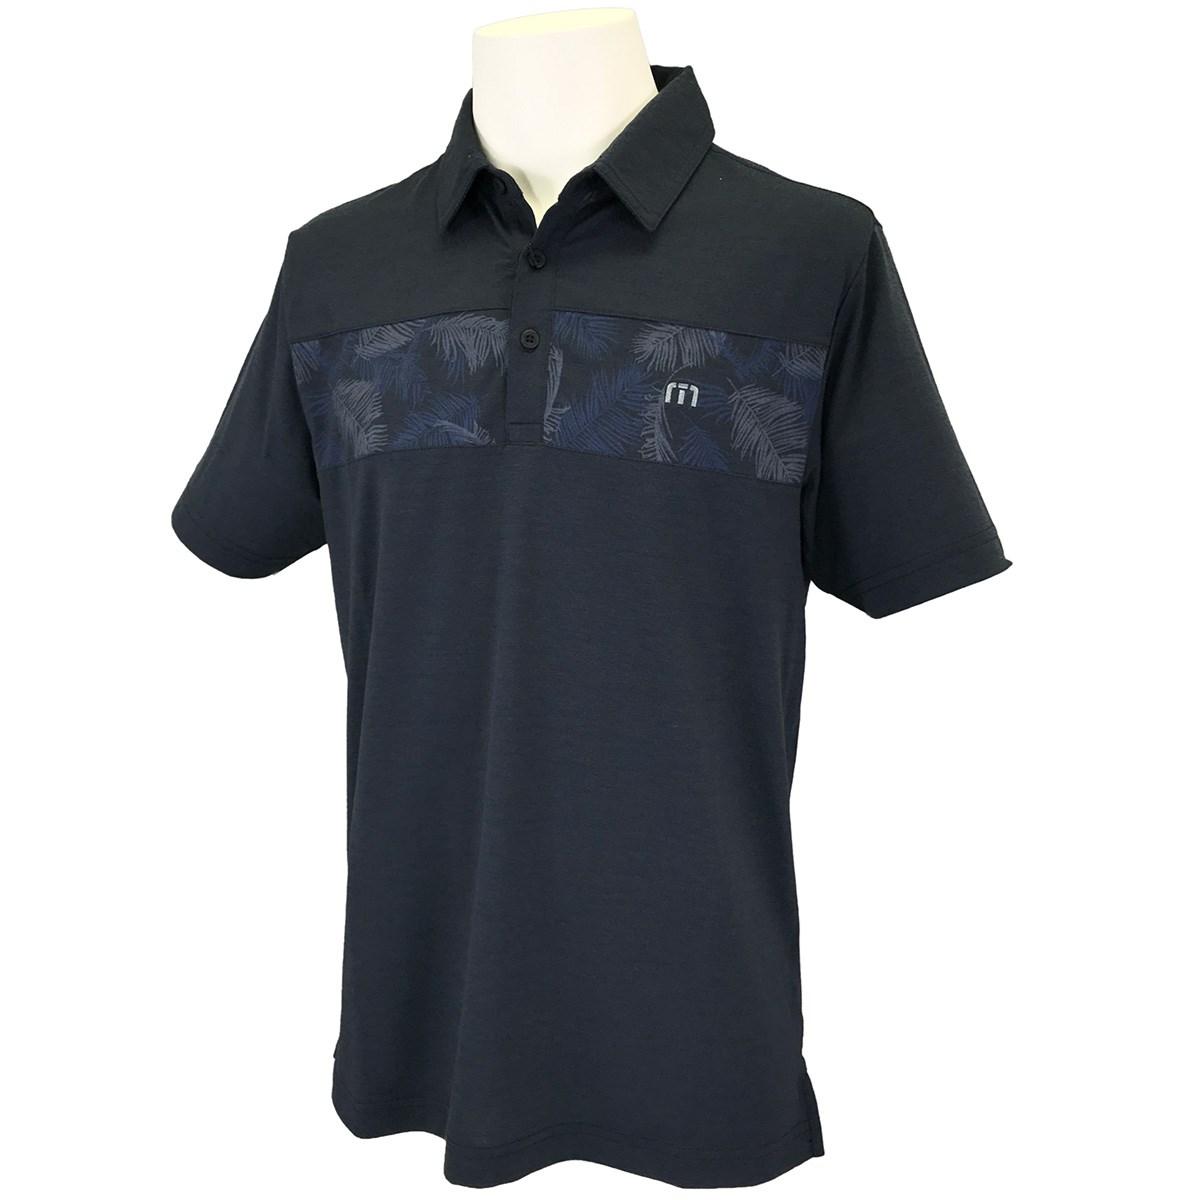 トラヴィスマシュー 半袖ポロシャツ